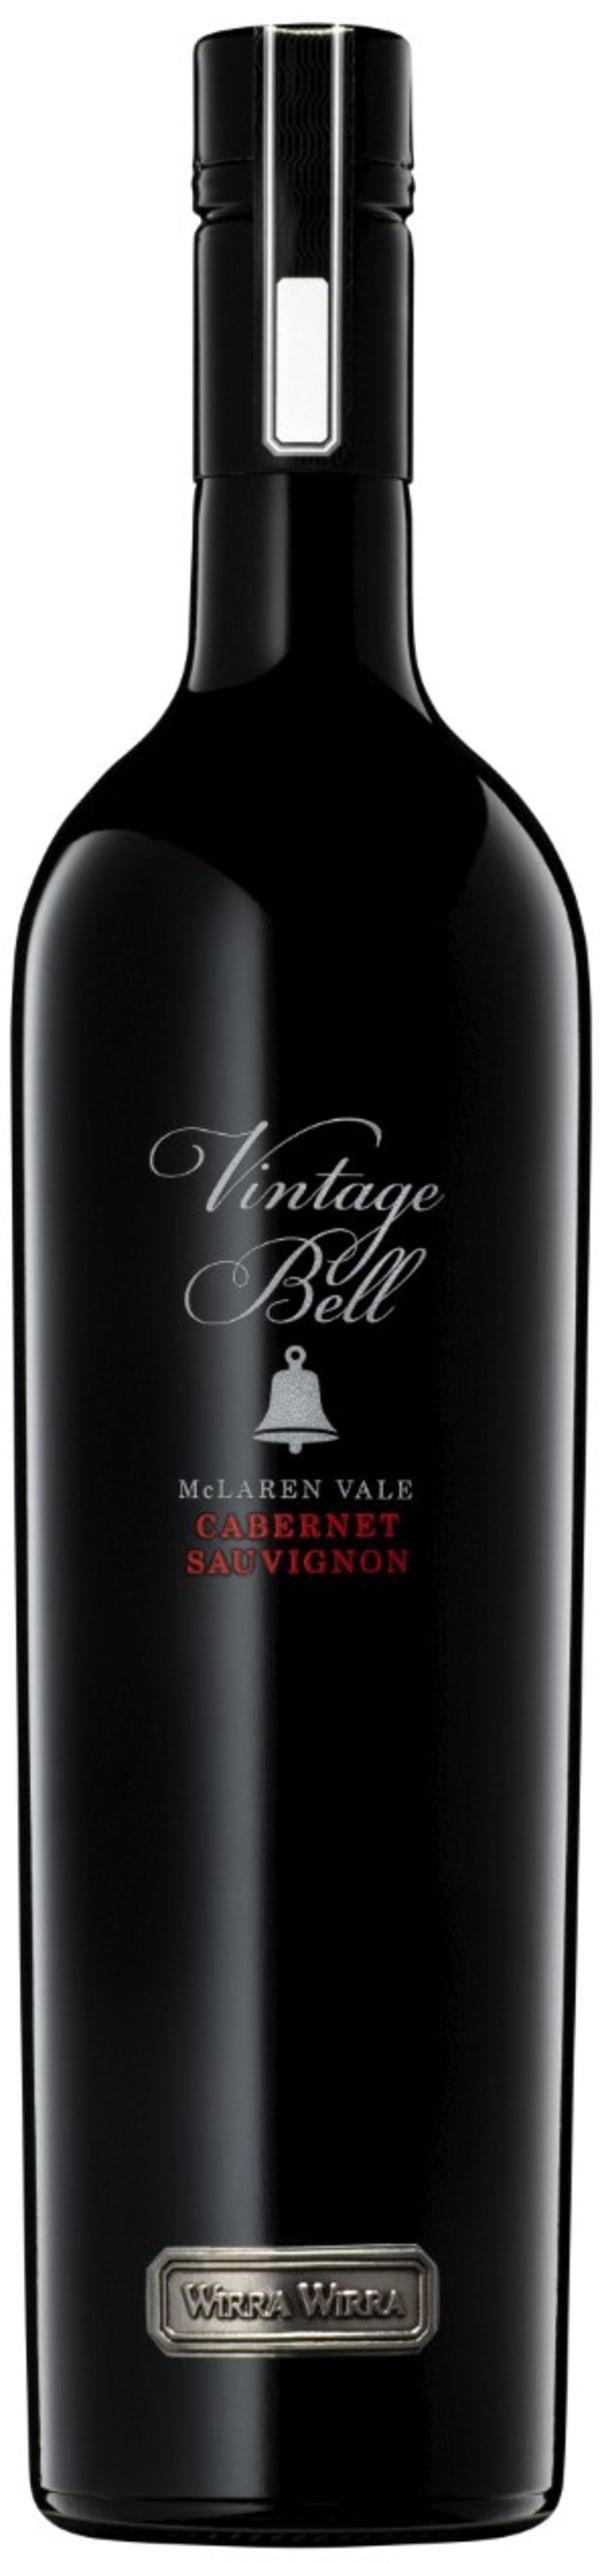 Vintage Bell Cabernet Sauvignon 2017